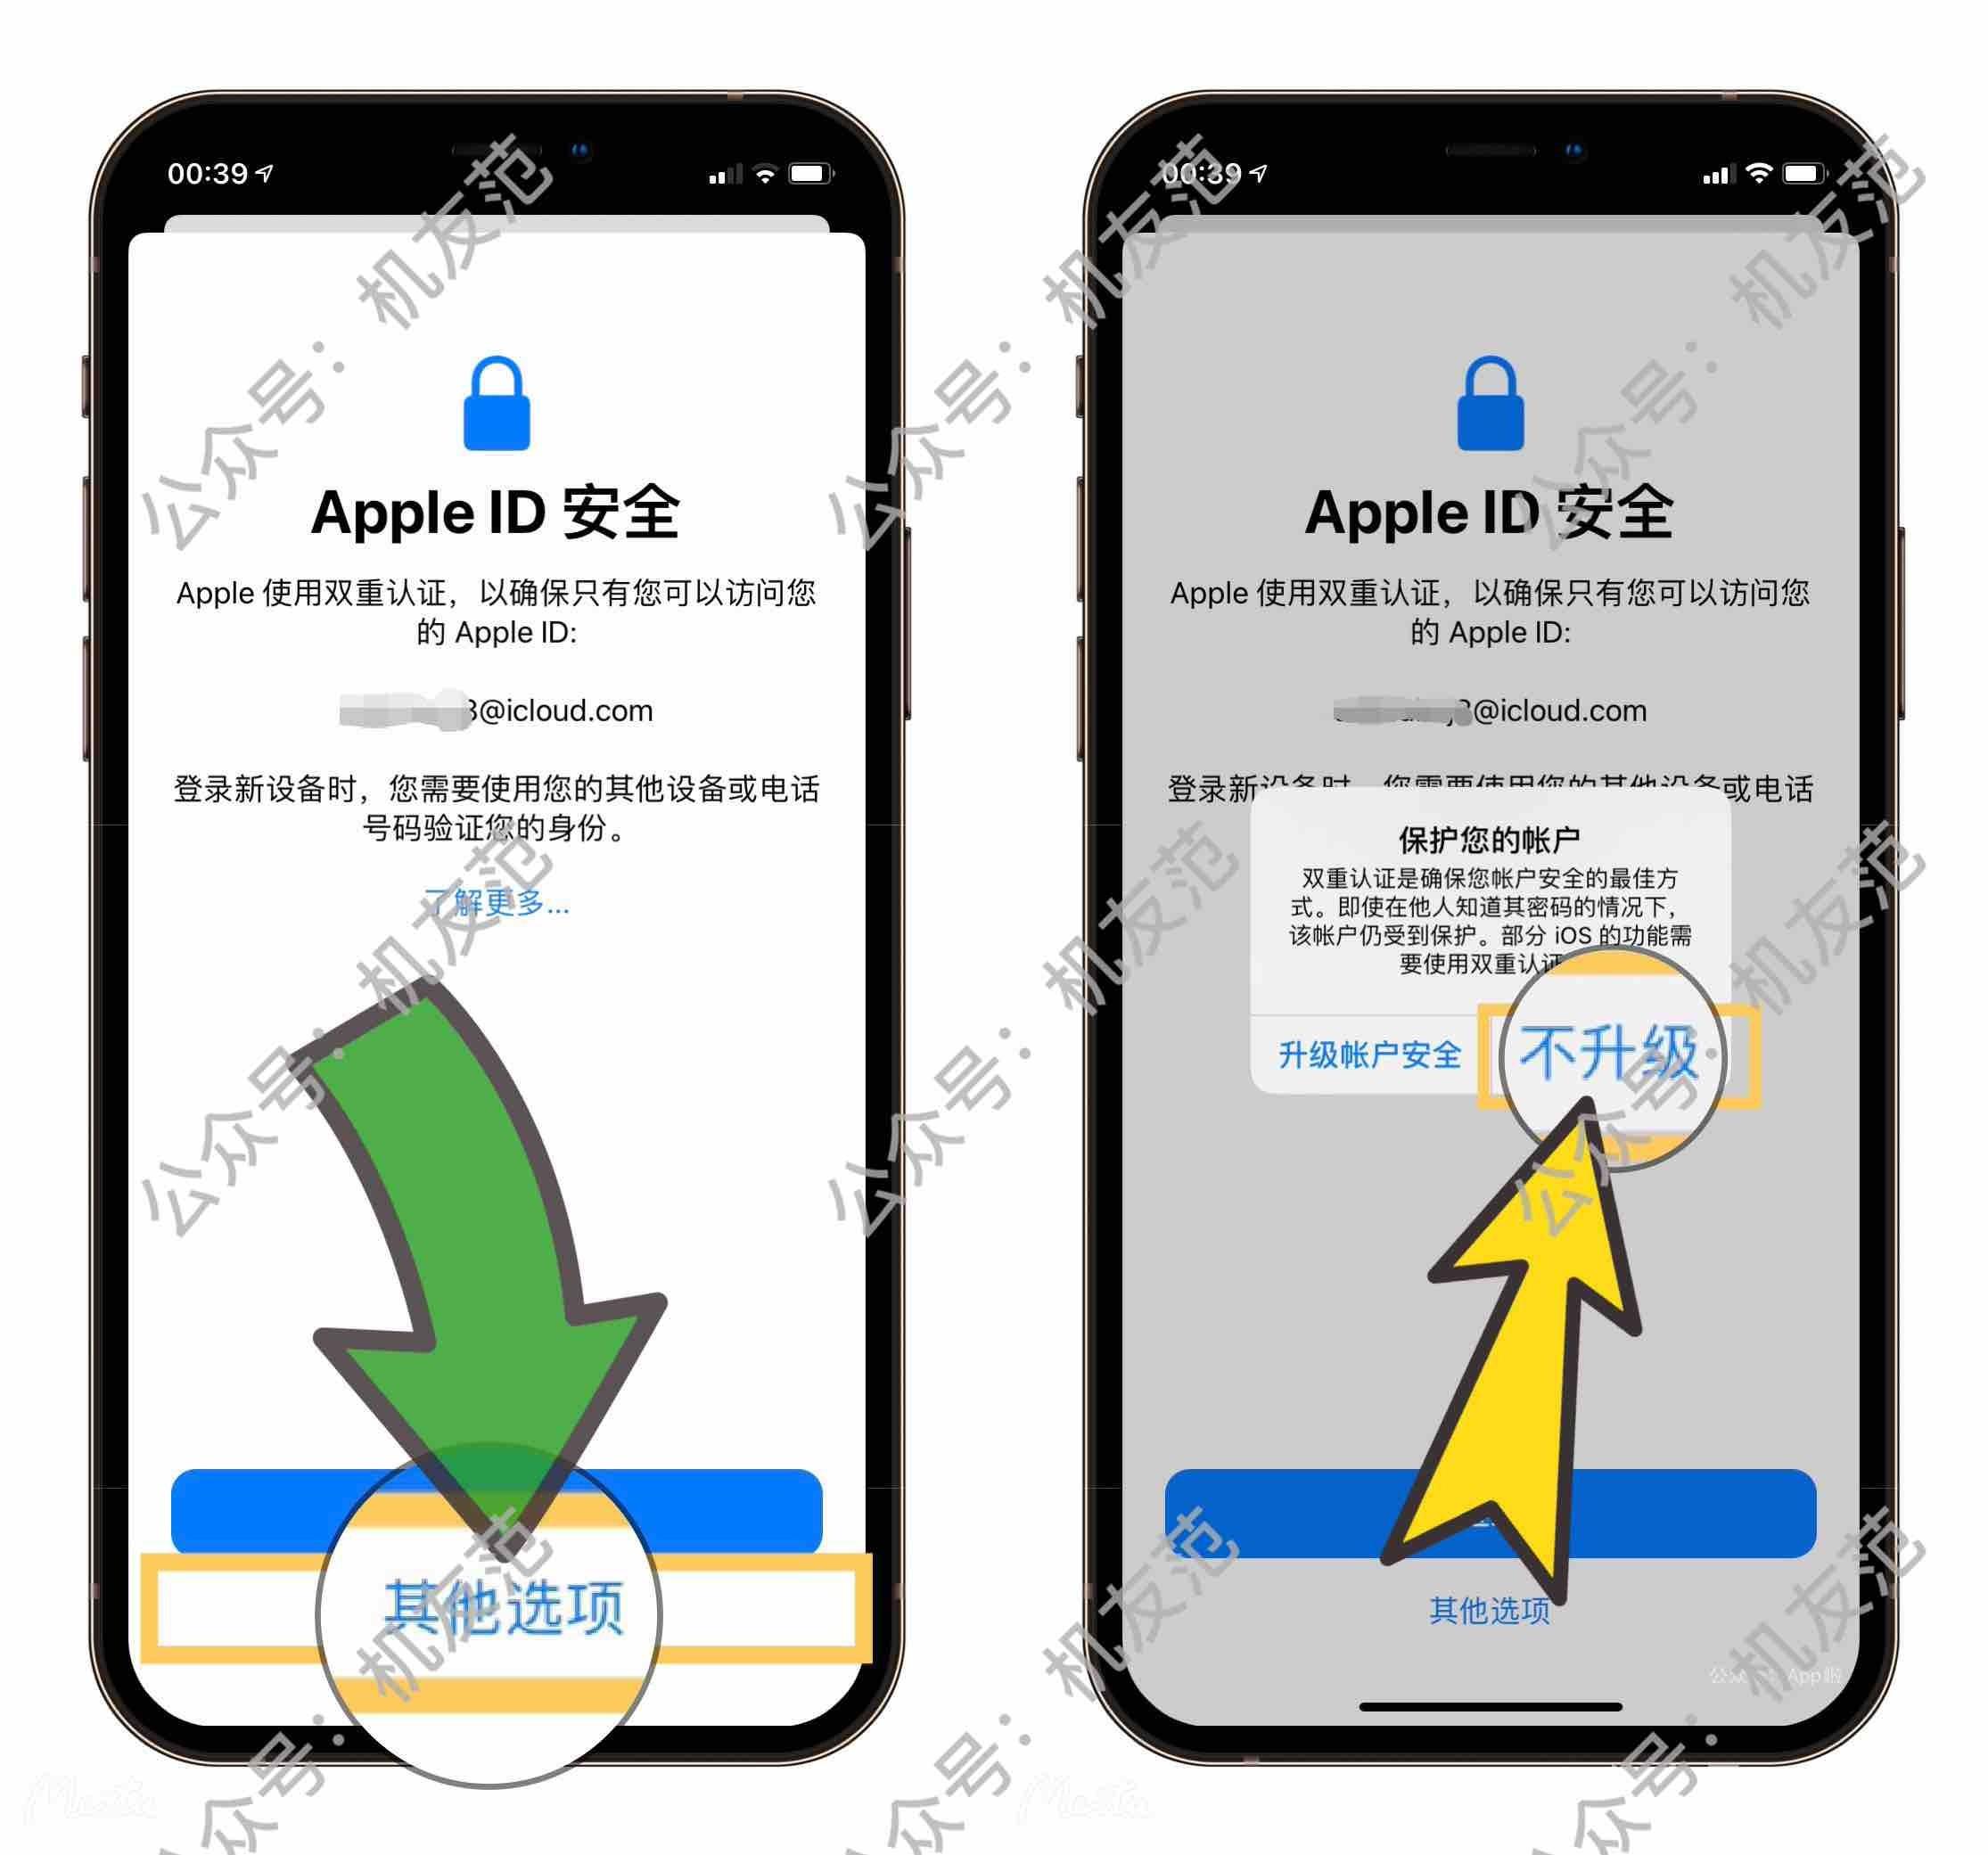 韩国iOS账号分享插图(2)